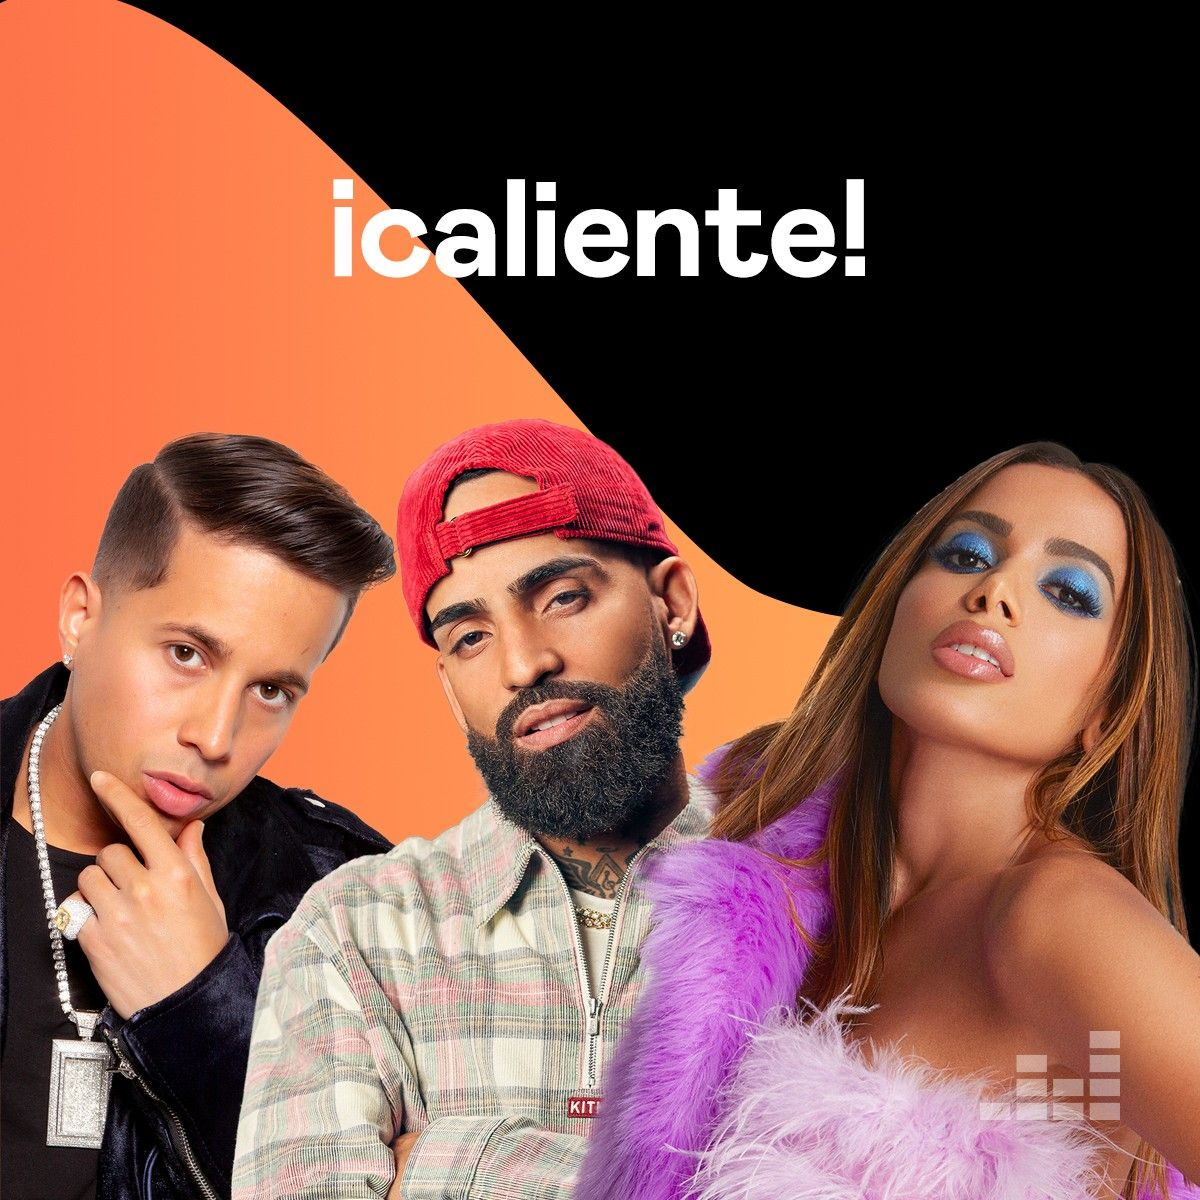 Esto se puso muy #Caliente con la nueva canción de @Anitta ft. @ArcangelPrrra & @DeLaGhettoReal 🔥💜 Descubre #Tócame desde @DeezerLatino  ▶️